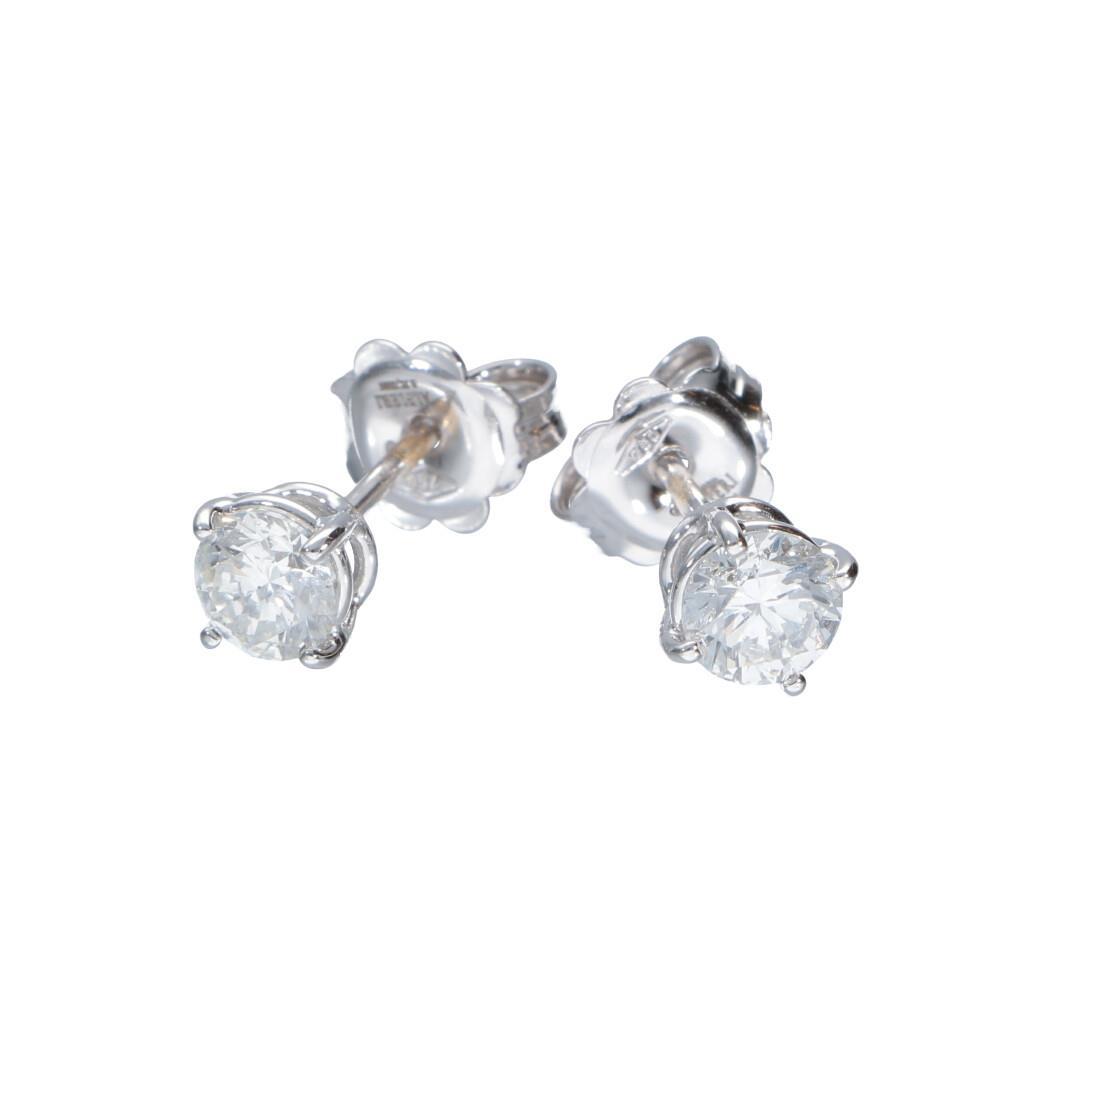 Orecchini punto luce in oro bianco con diamanti 1.02 ct - ALFIERI & ST. JOHN